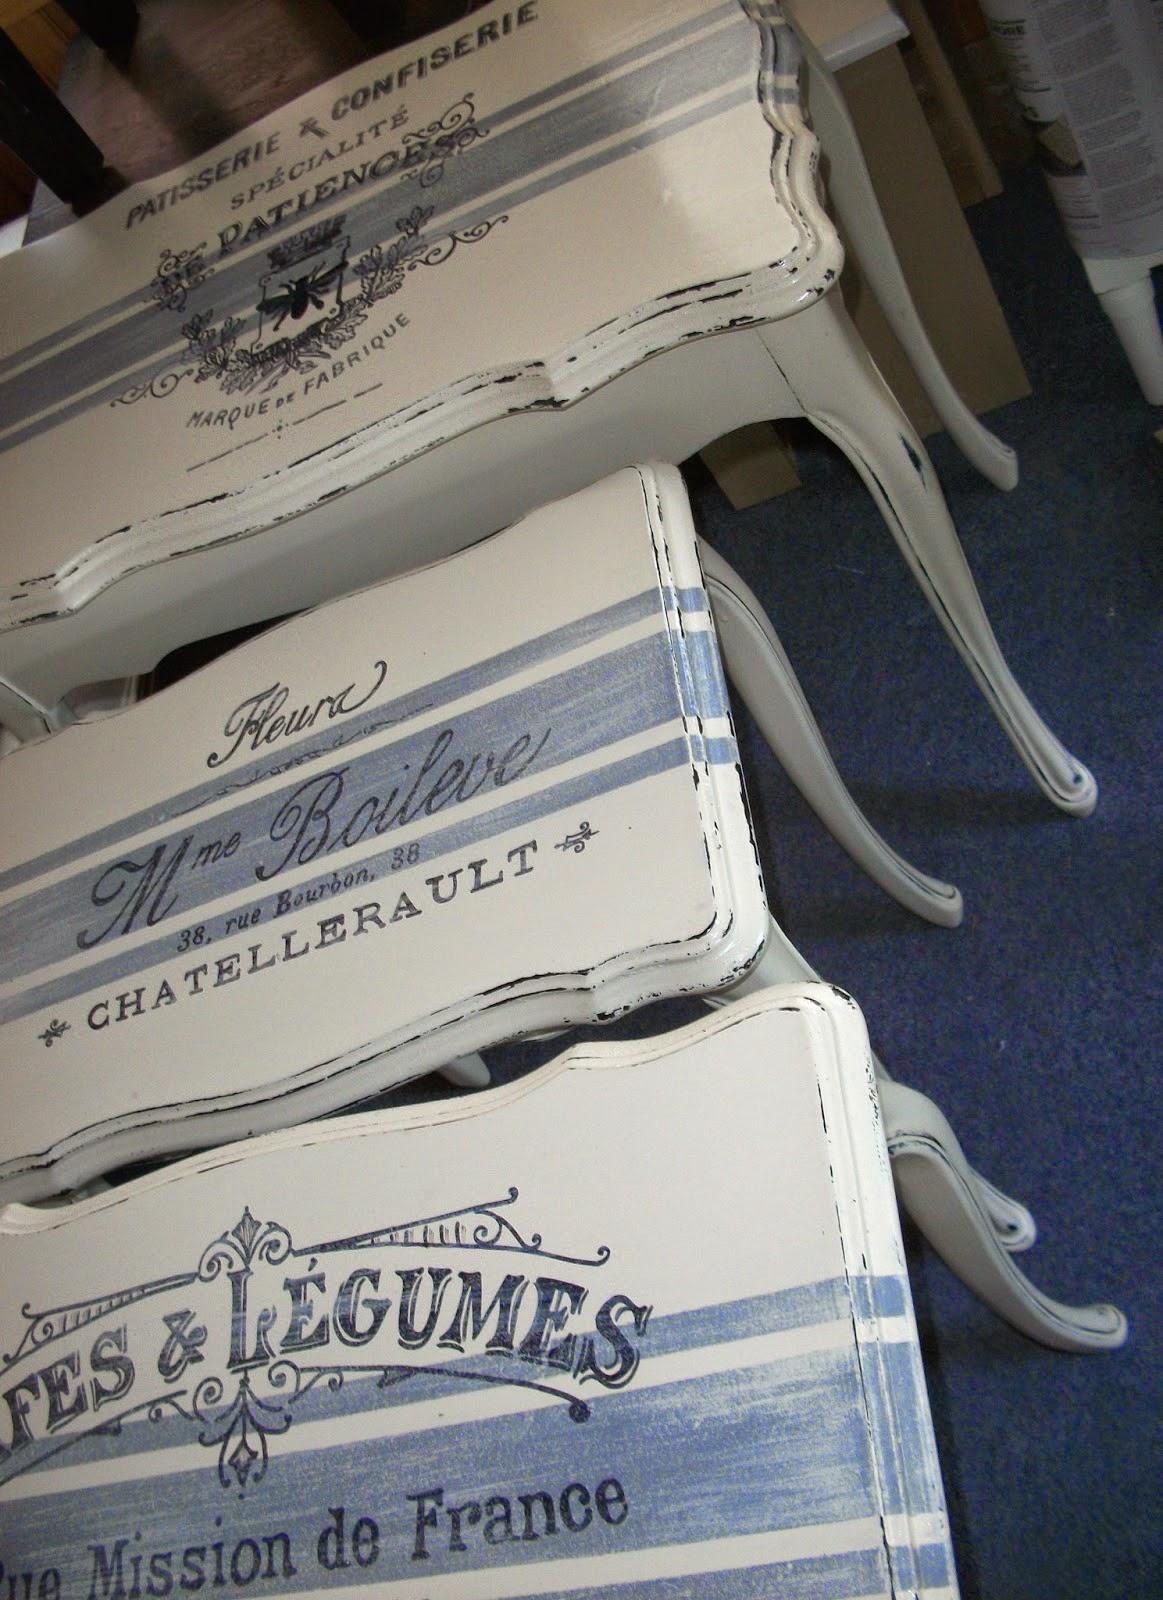 Boiserie & c.: come recuperare vecchi mobili improponibili